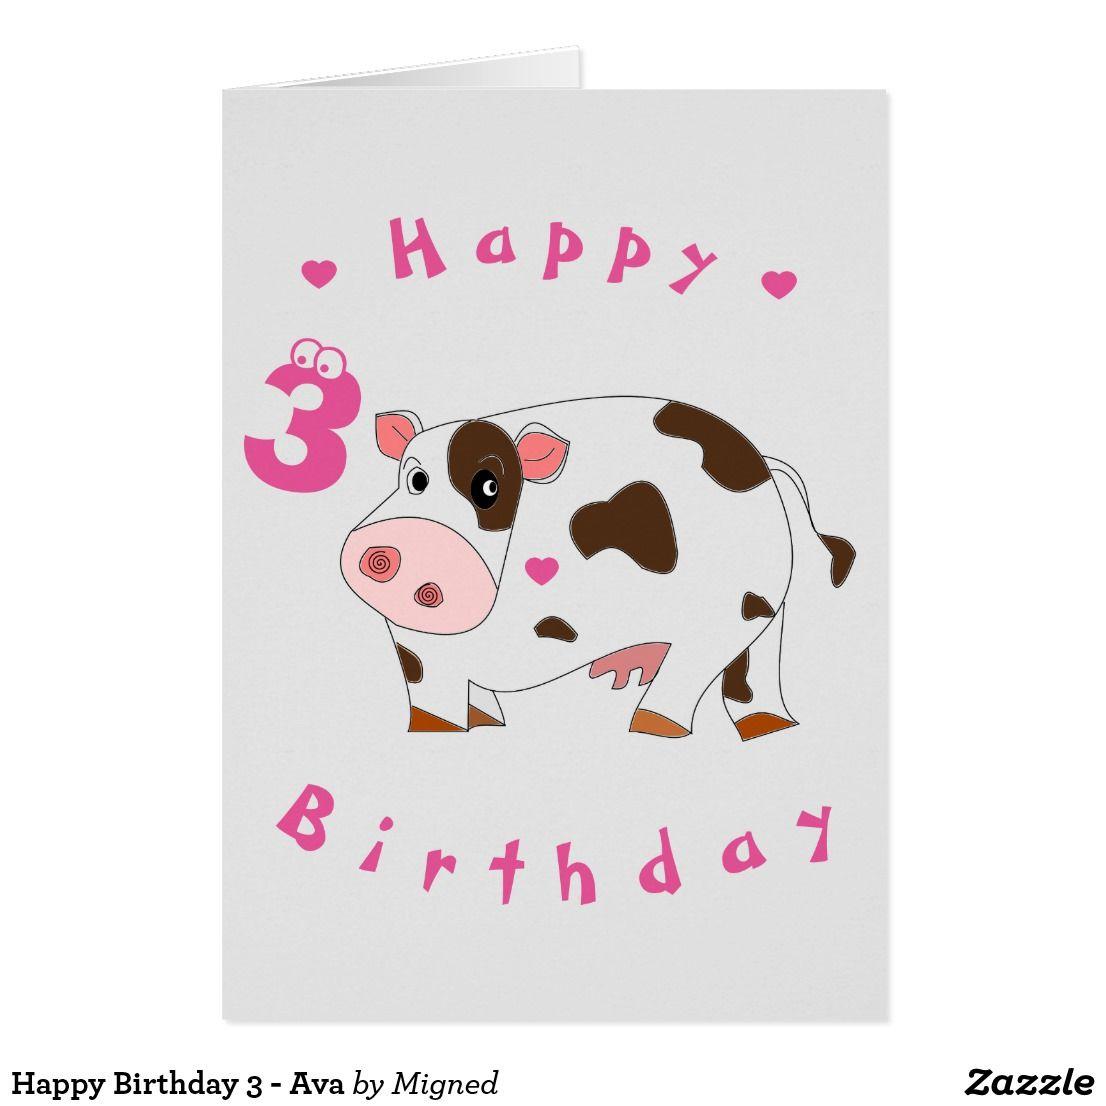 Happy Birthday 3 - Ava